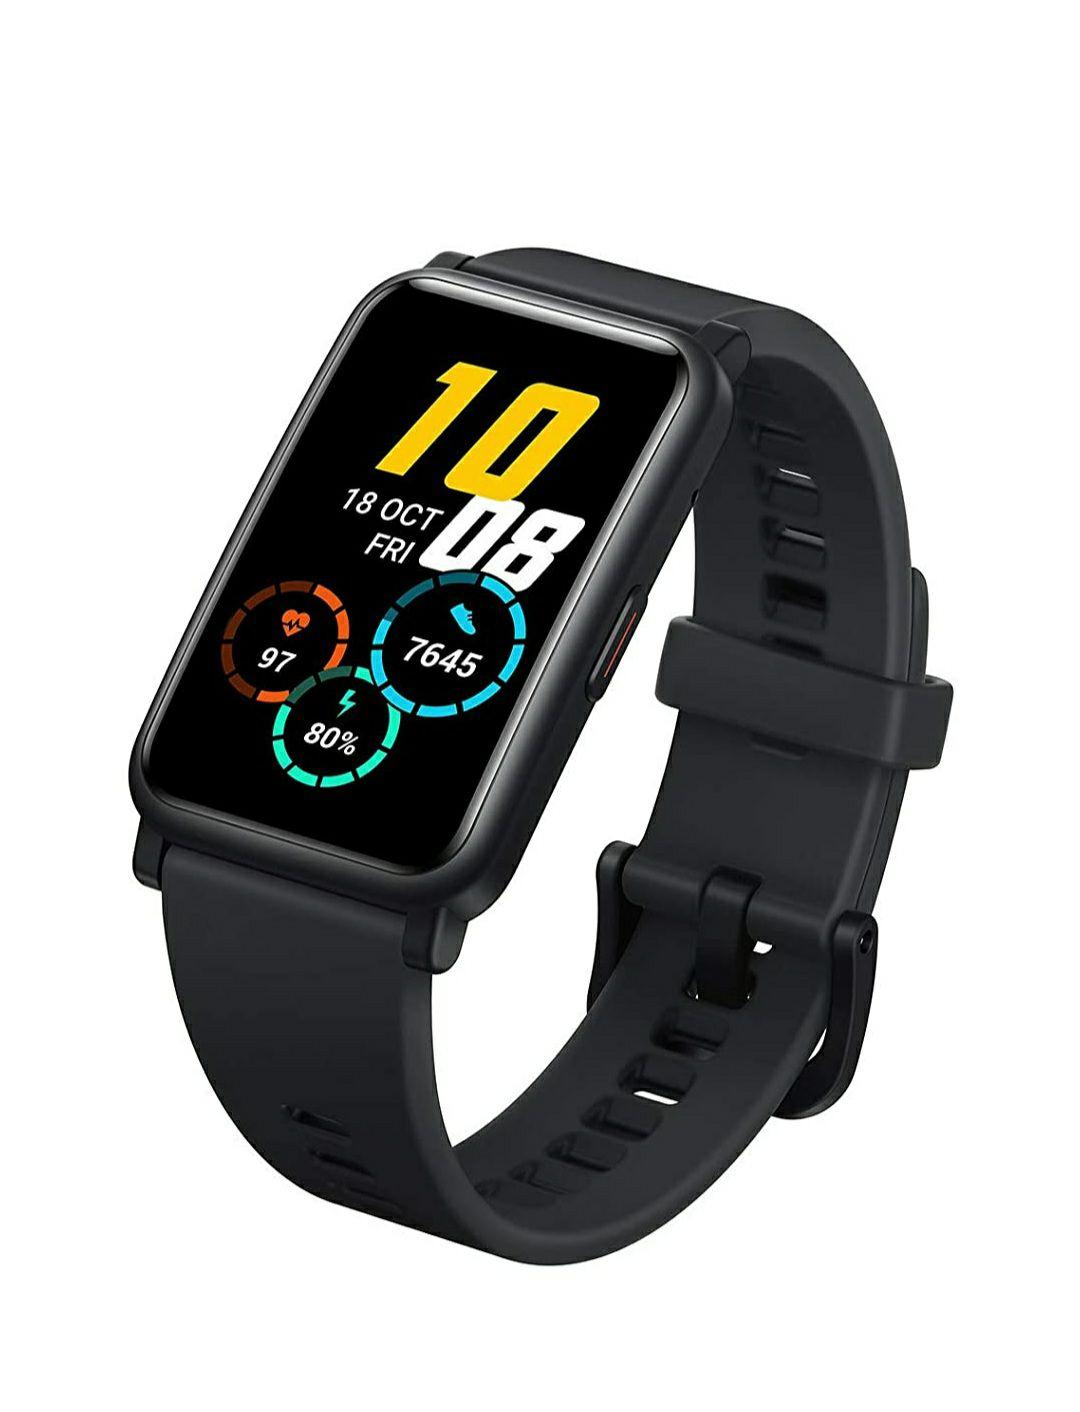 HONOR Watch ES - Salud & Fitness Smartwatch, 1,64 Pulgadas Pantalla AMOLED con 95 Modos de Entrenamiento